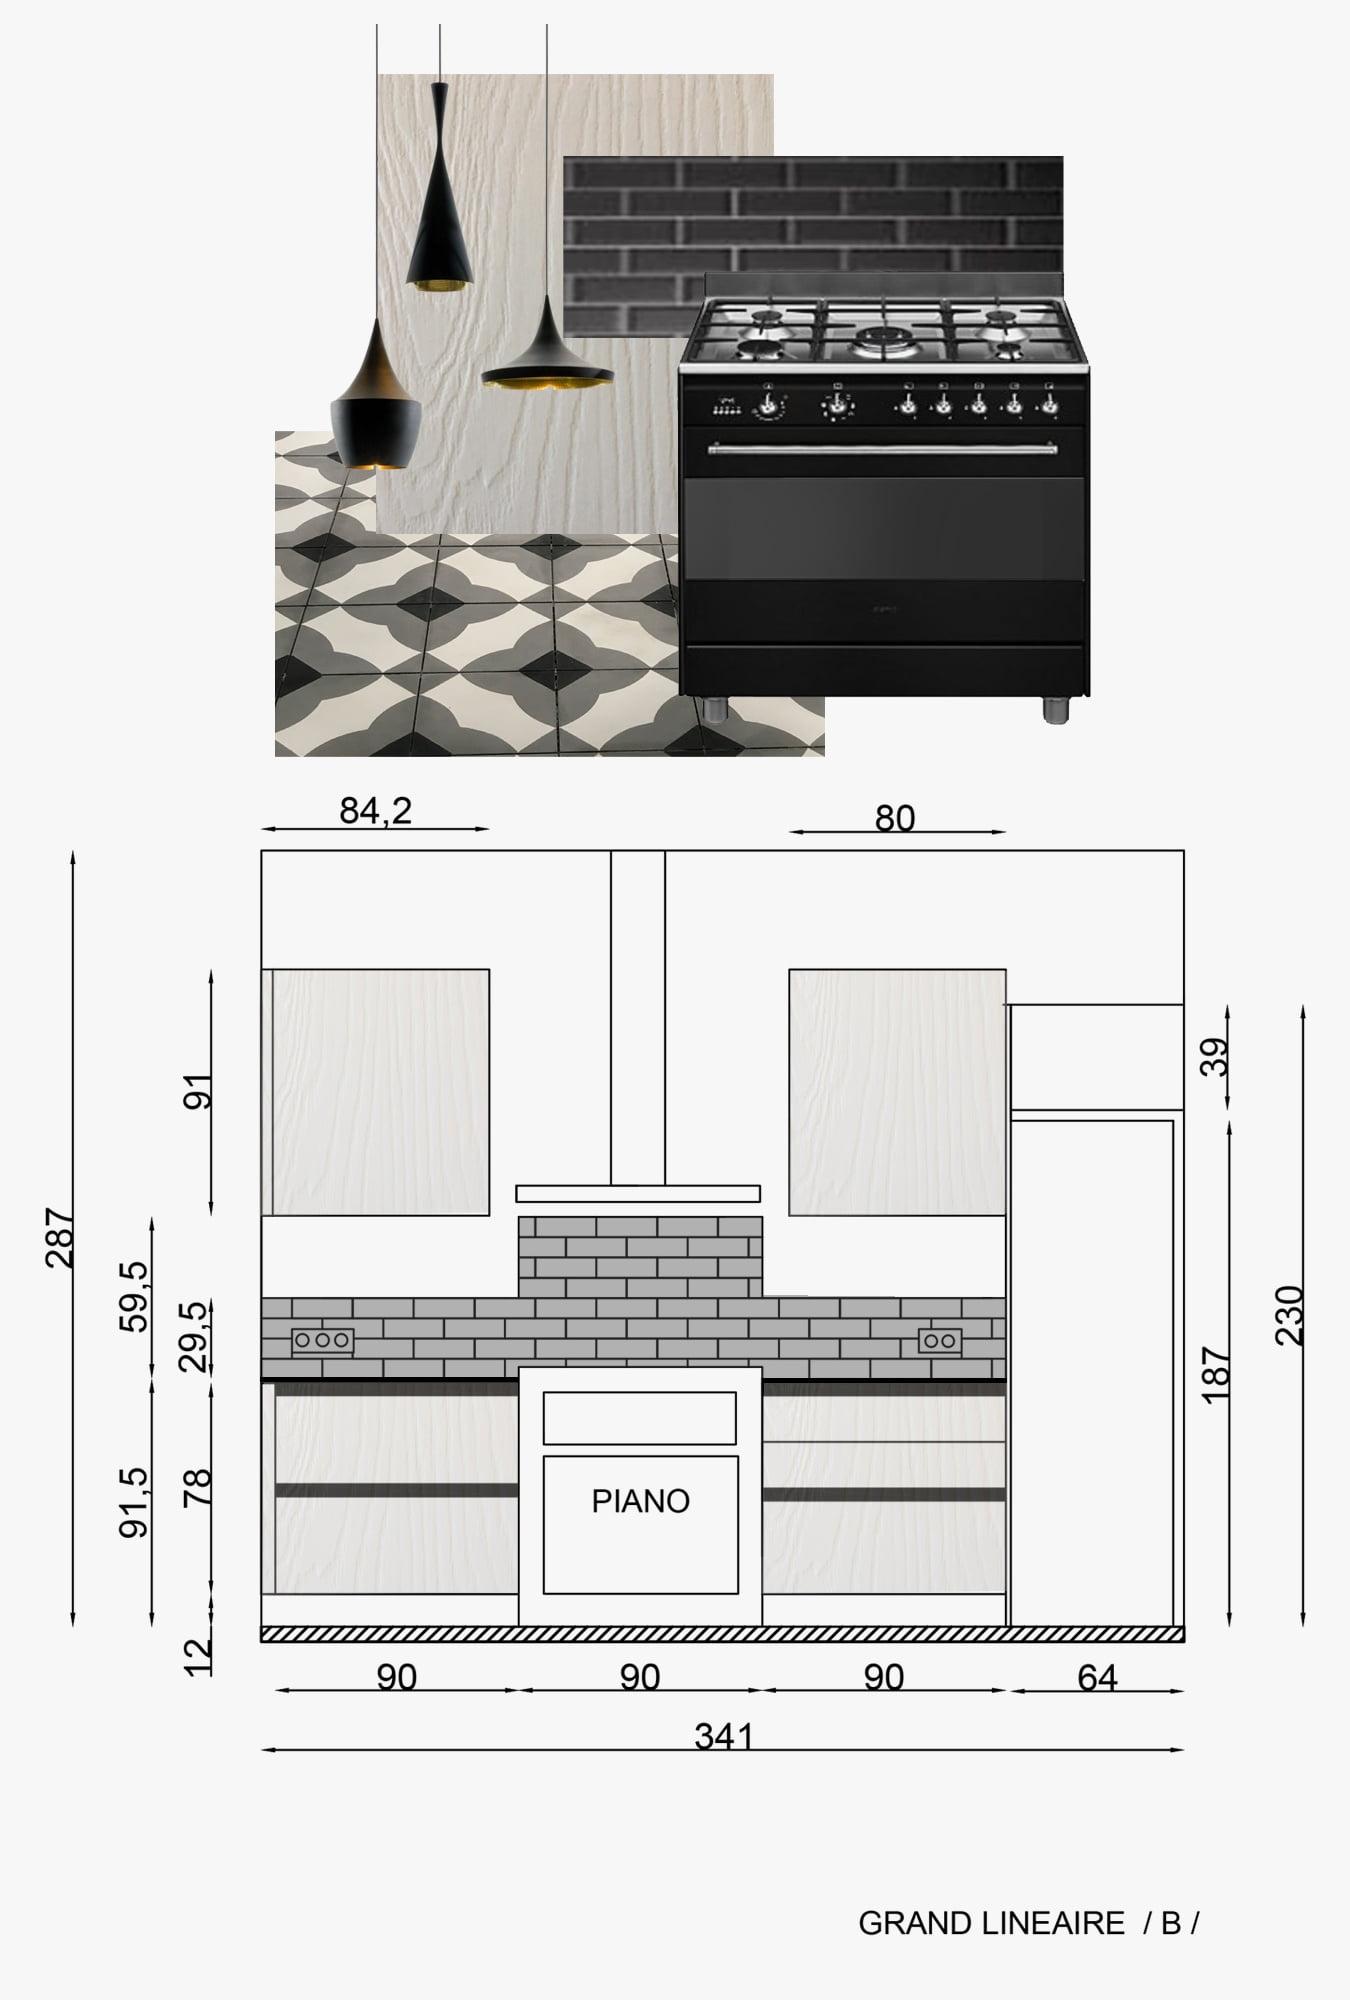 plan et planche d'inspiration projet cuisine ls studio architecte intérieur vannes